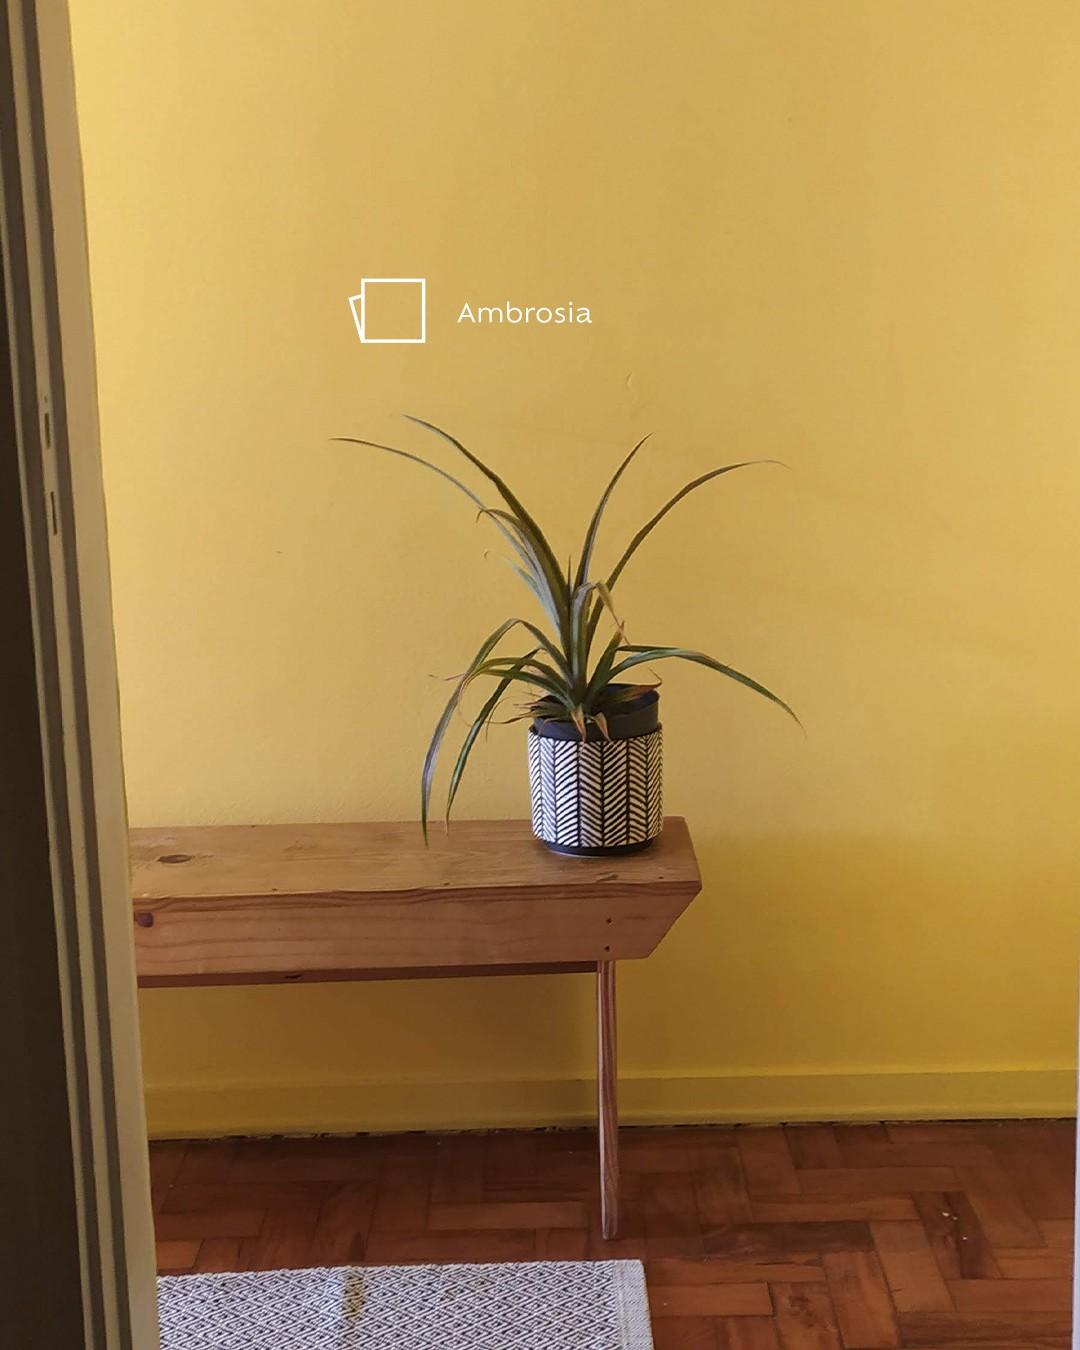 Foto de ambiente com foco em um banco longo de madeira com um vaso de planta em cima. Ao fundo, parede pintada na cor Ambrosia e o ícone de cor. Os tons amarelos são perfeitos para alegrar o ambiente, não é mesmo? Dá uma olhada em como ficou o resultado desse desafio!